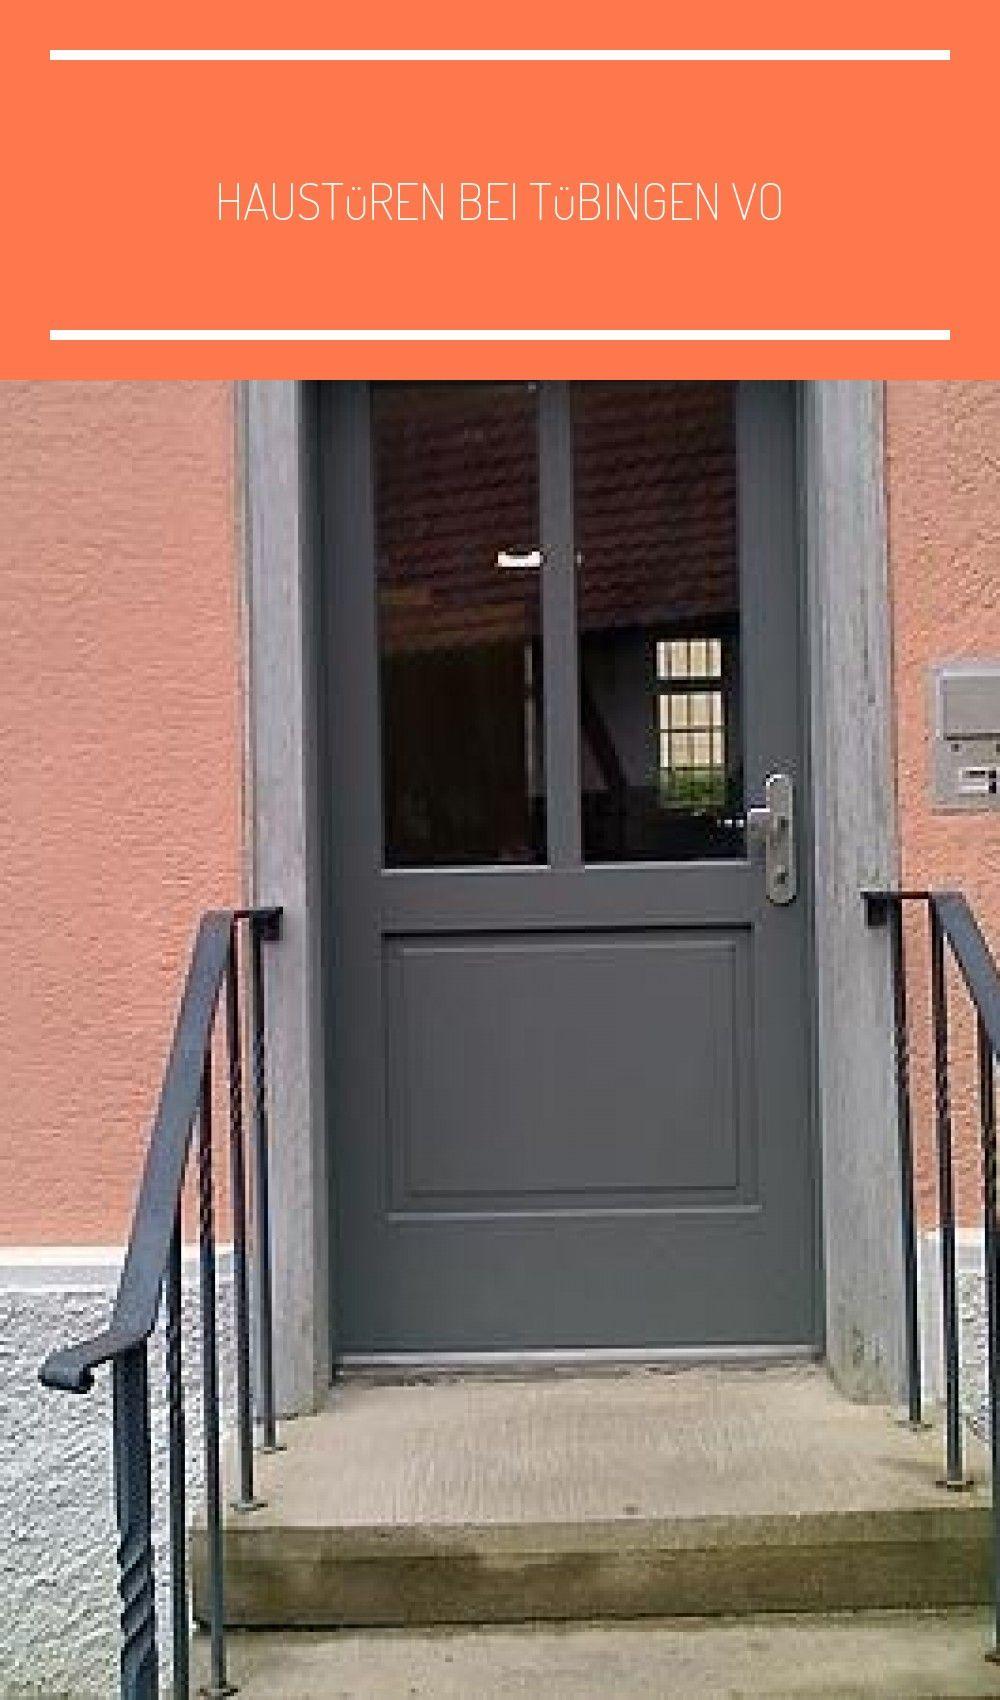 Pin On Haus Deko Eingangsbereich